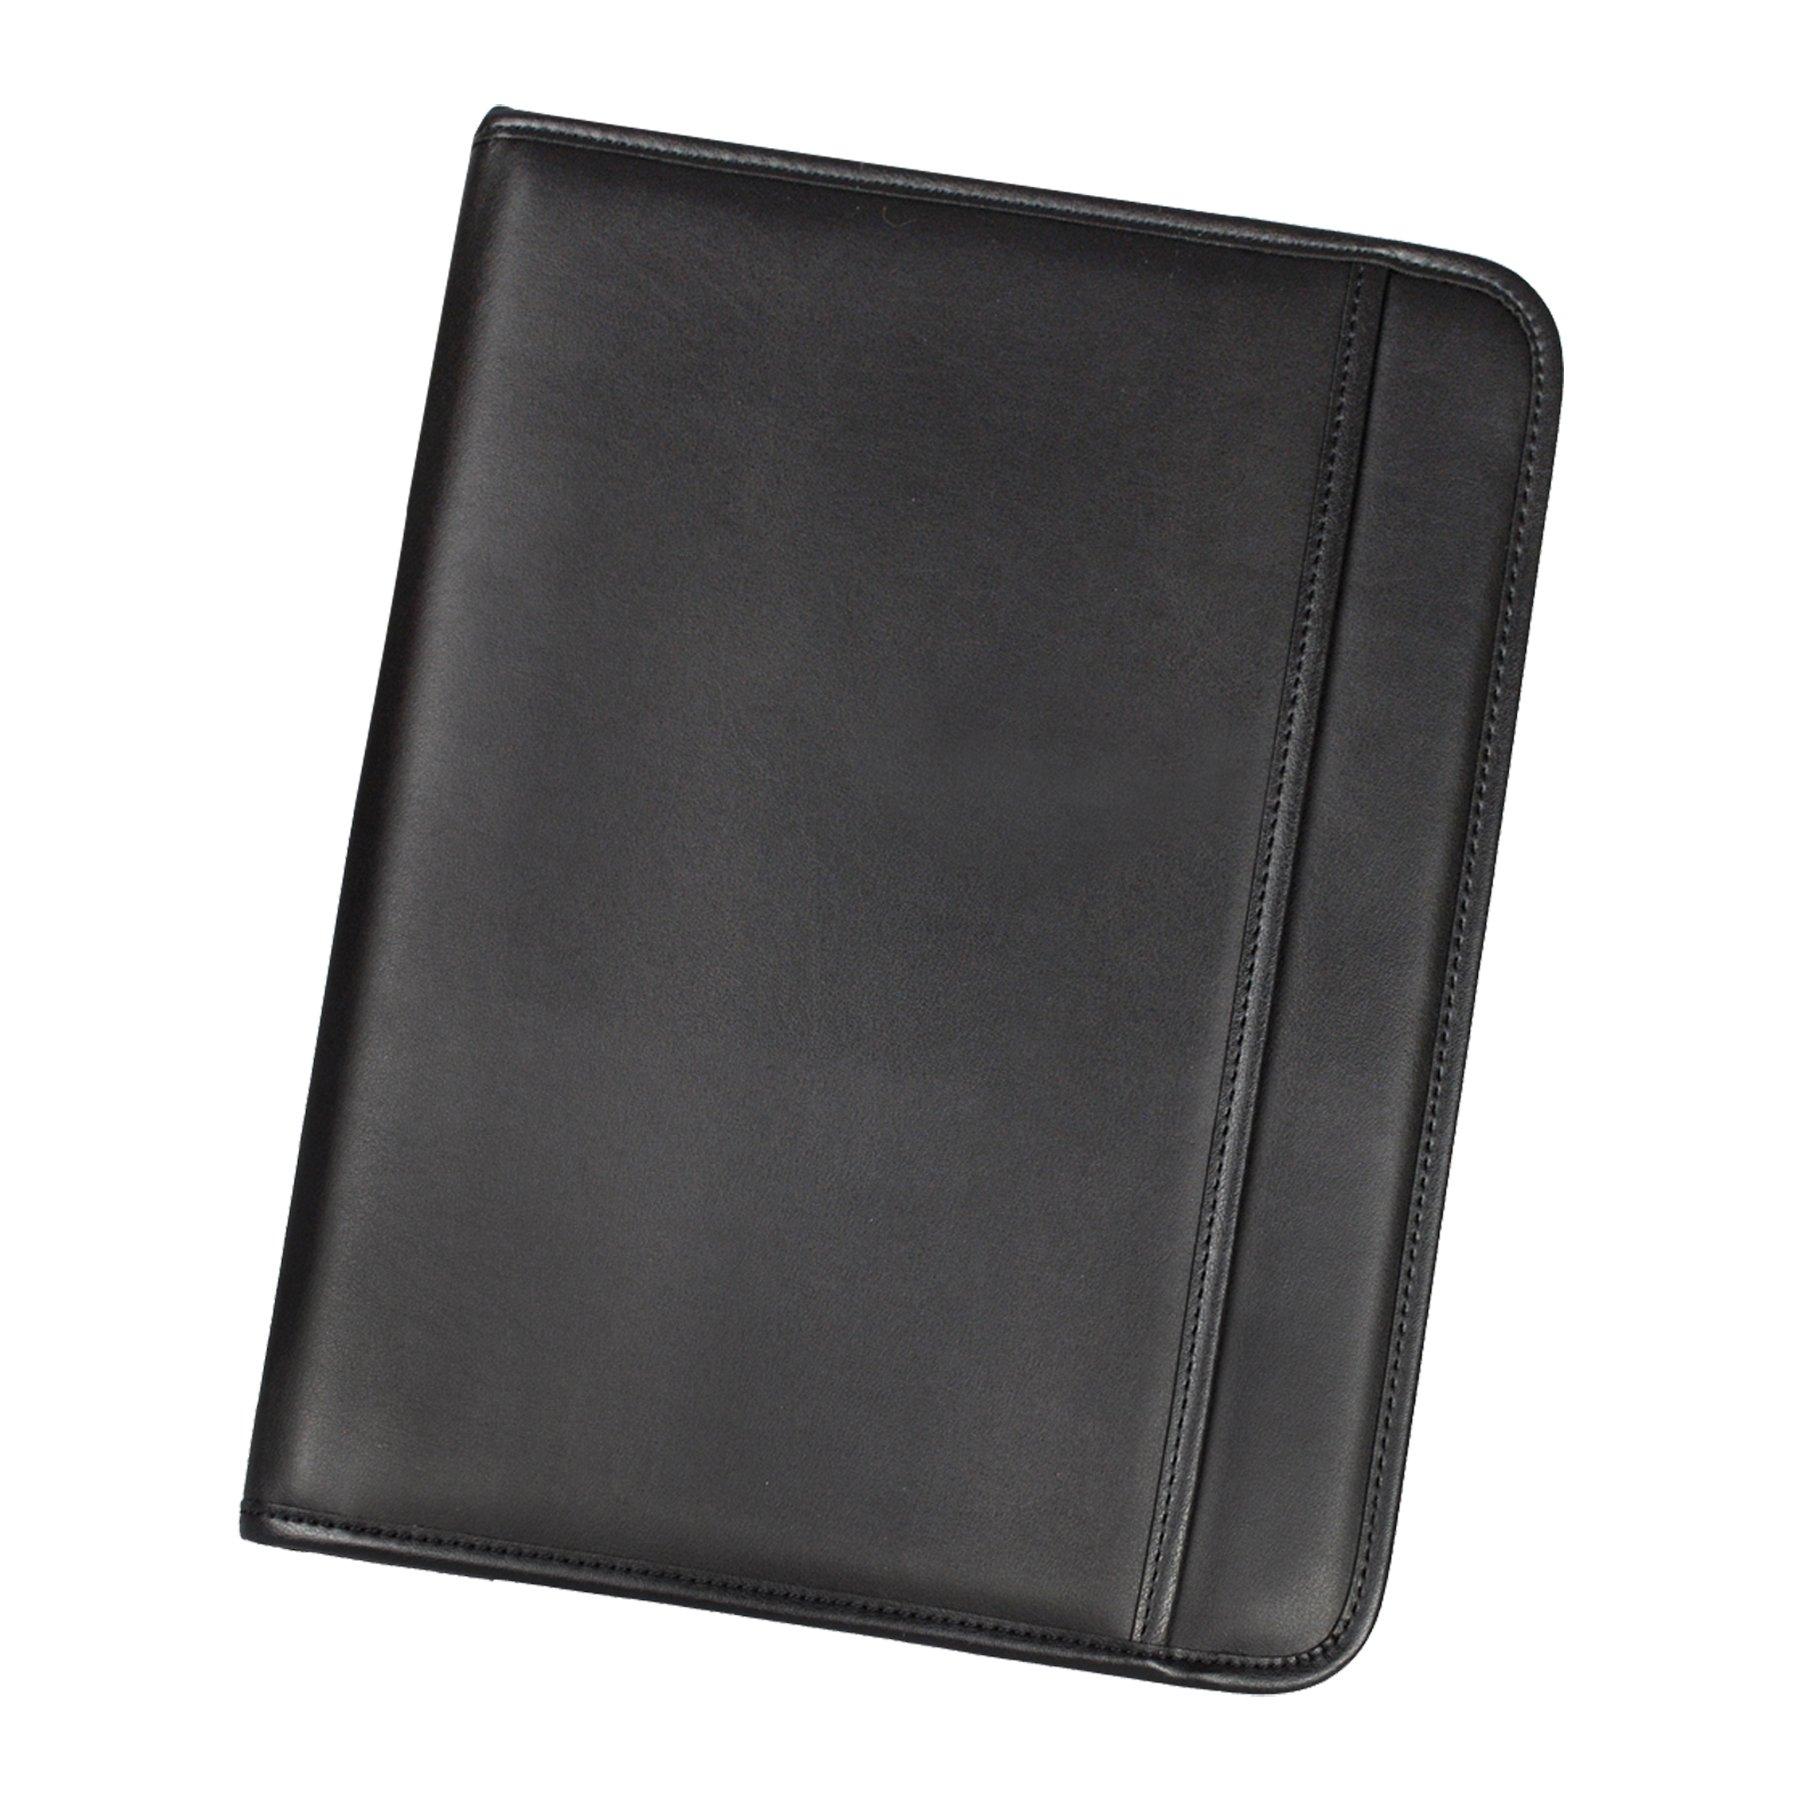 Samsill E-Keeper Zipper Duo-Pad Folio - Black (70840)